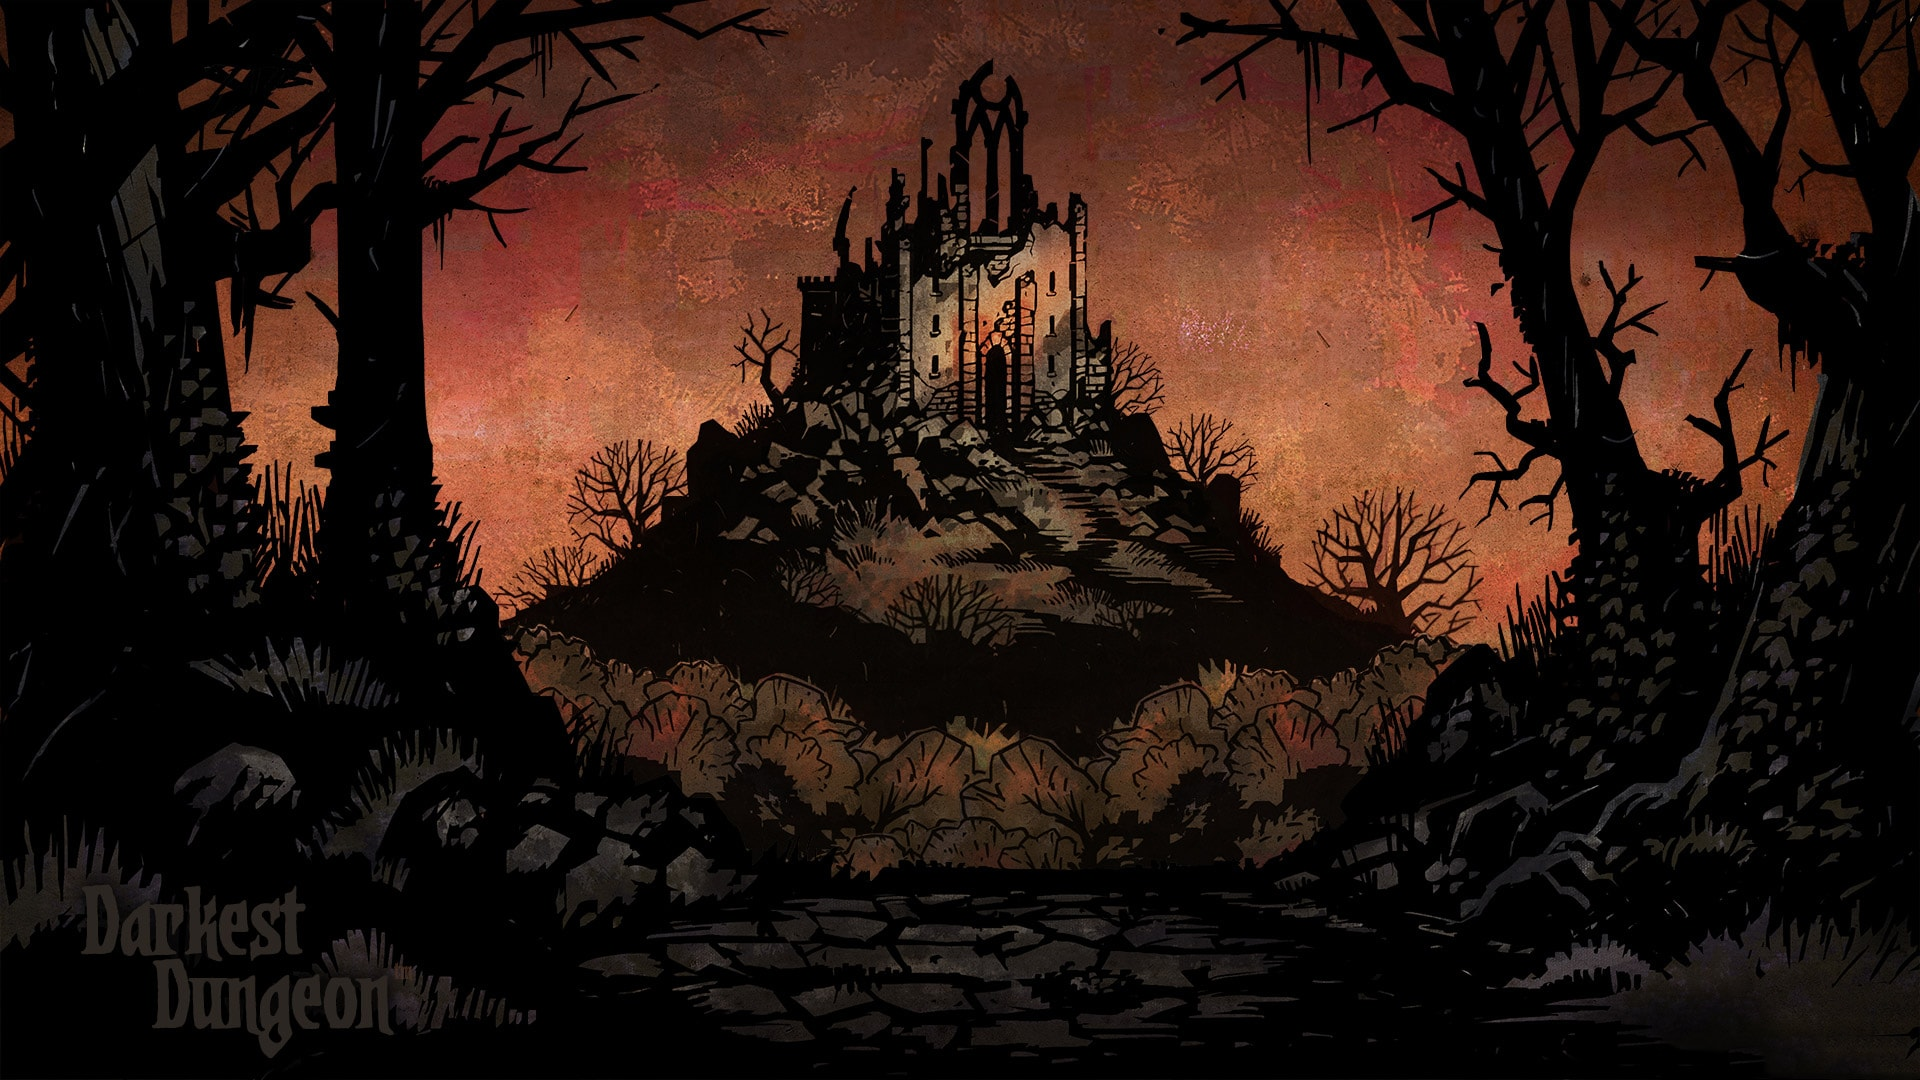 Darkest Dungeon Widescreen